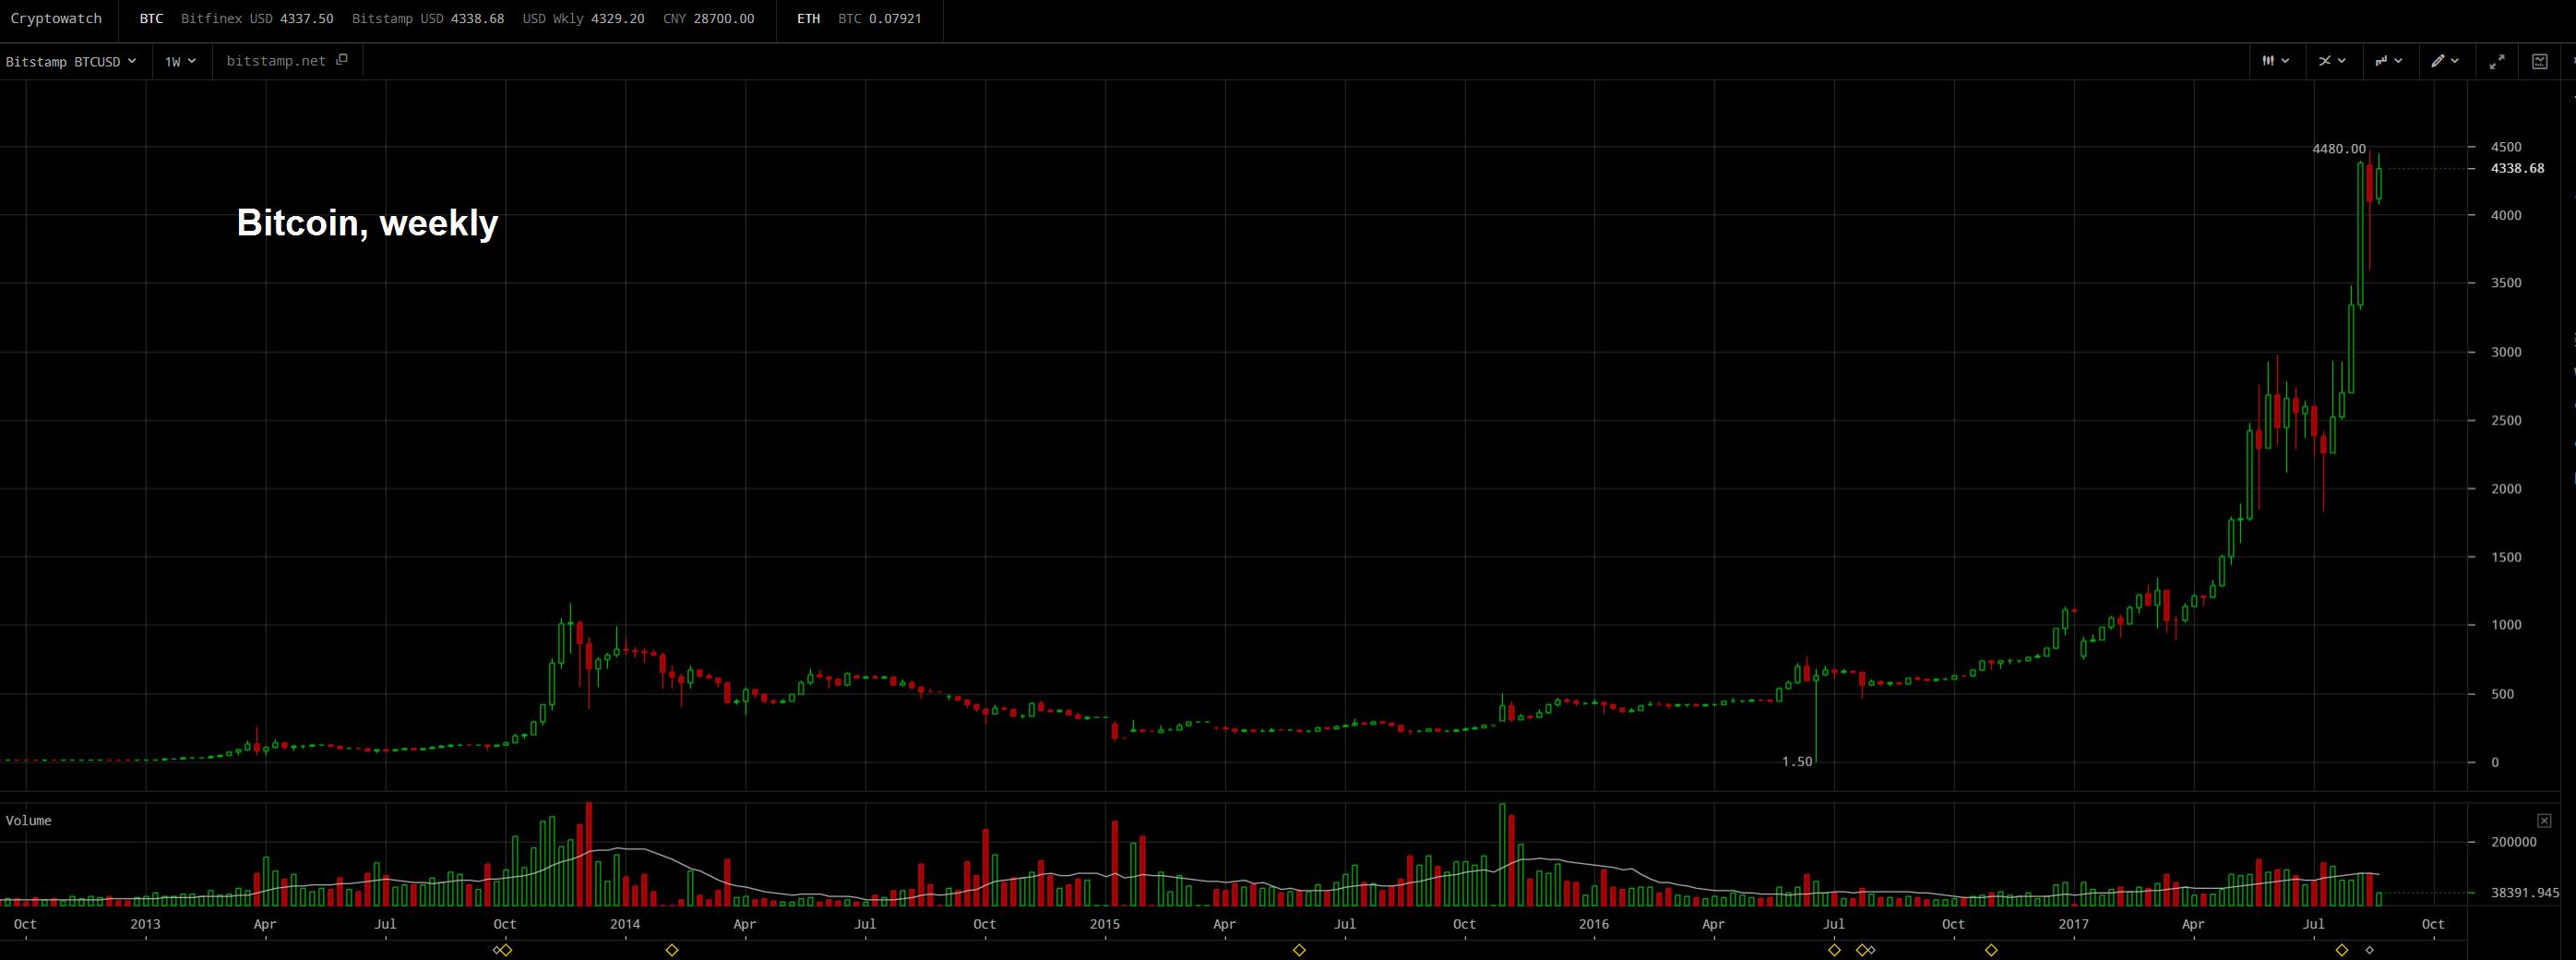 Bitcoin, Weekly